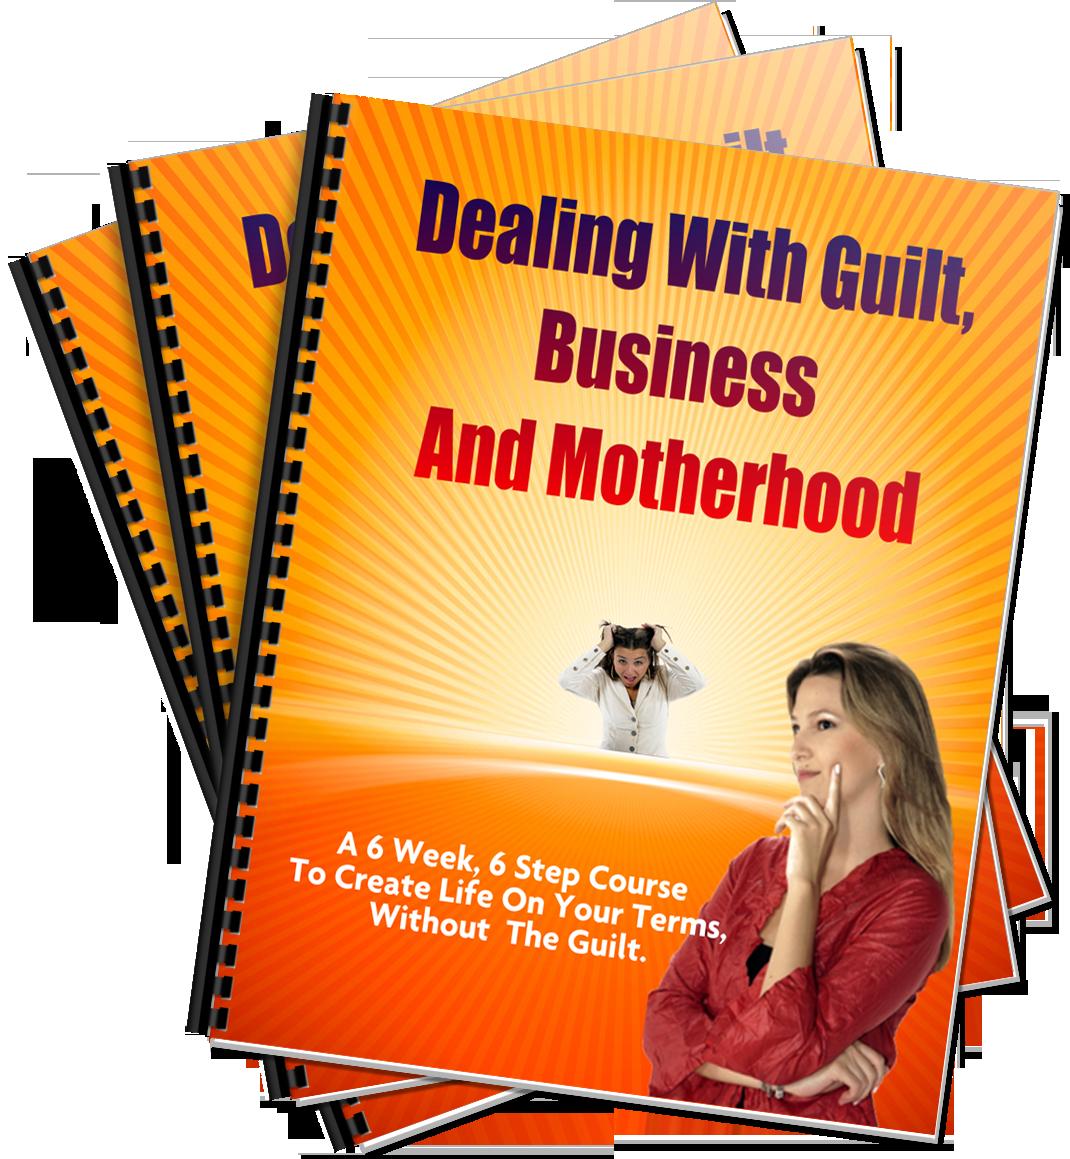 Dealing with Guilt, Business & Motherhood